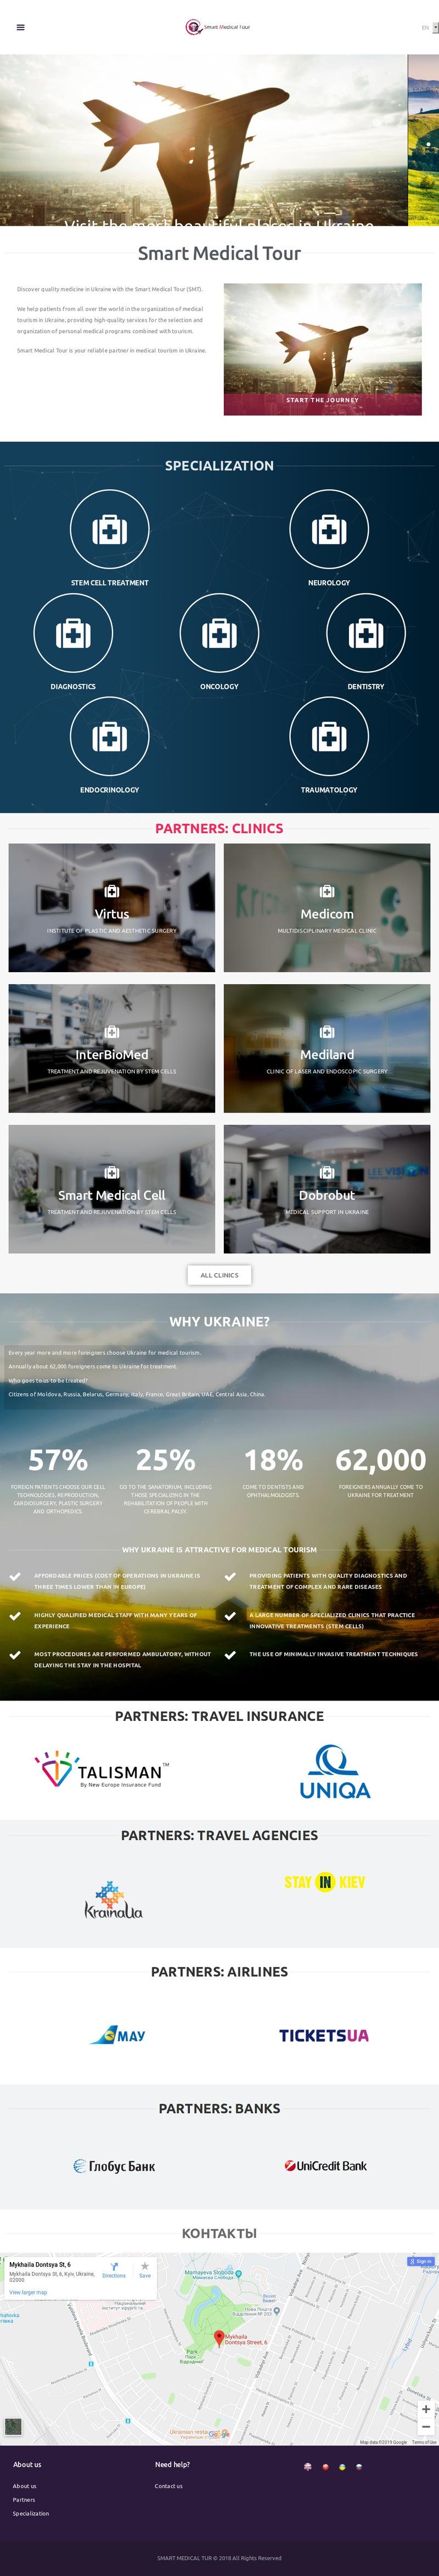 Corporate Website SMTOUR